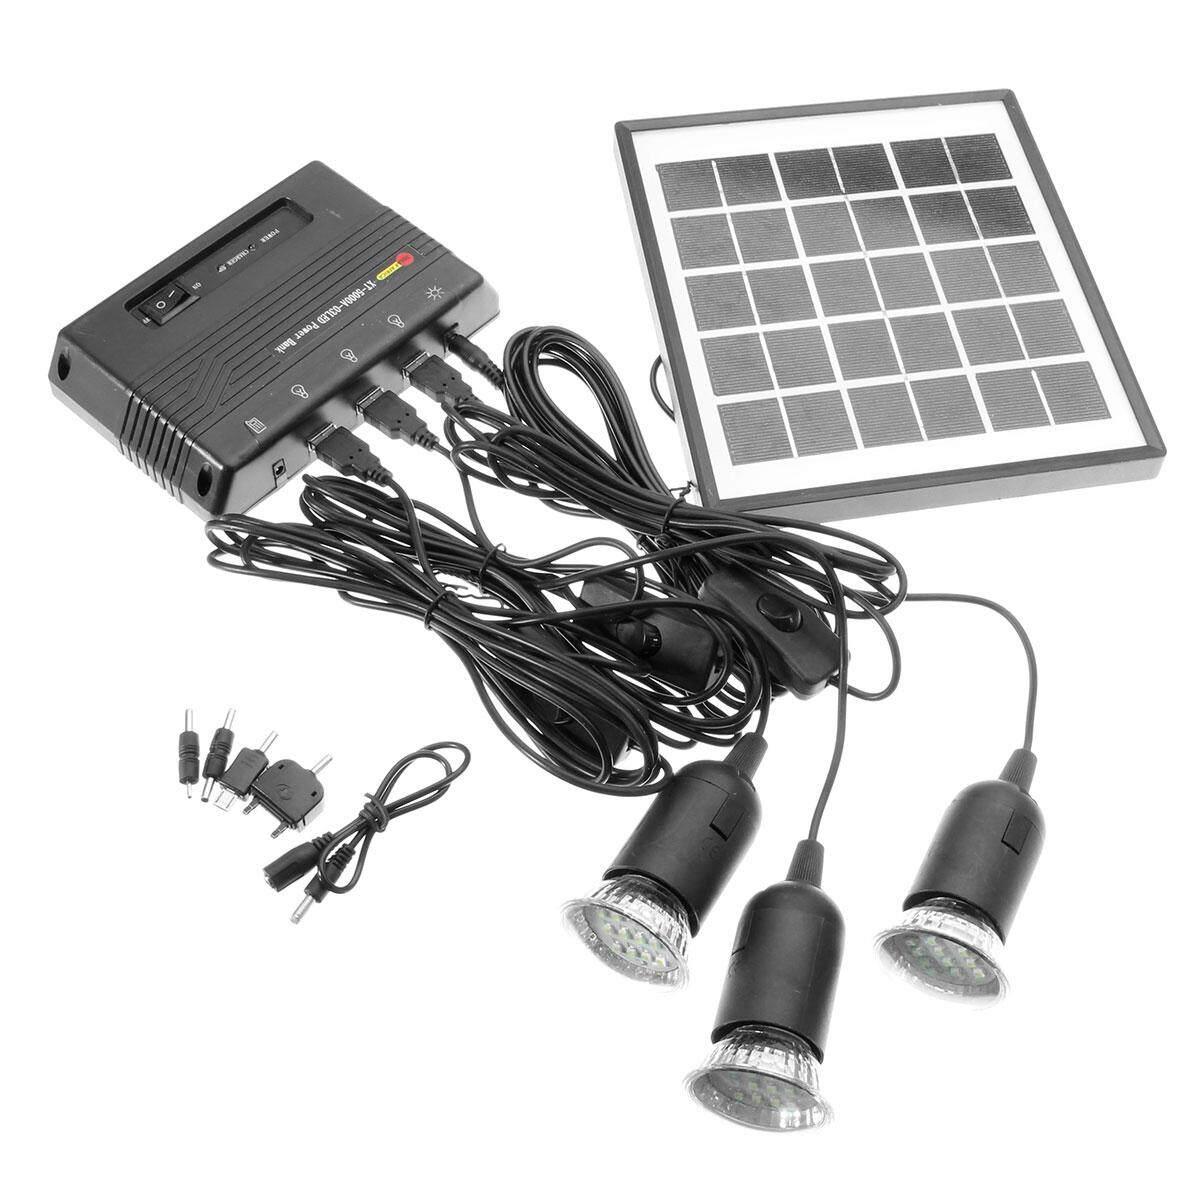 ... Luar Ruangan Tenaga Surya Daya Panel LED Lampu Lampu USB Pengisi Daya Rumah Sistem Perlengkapan Taman ...